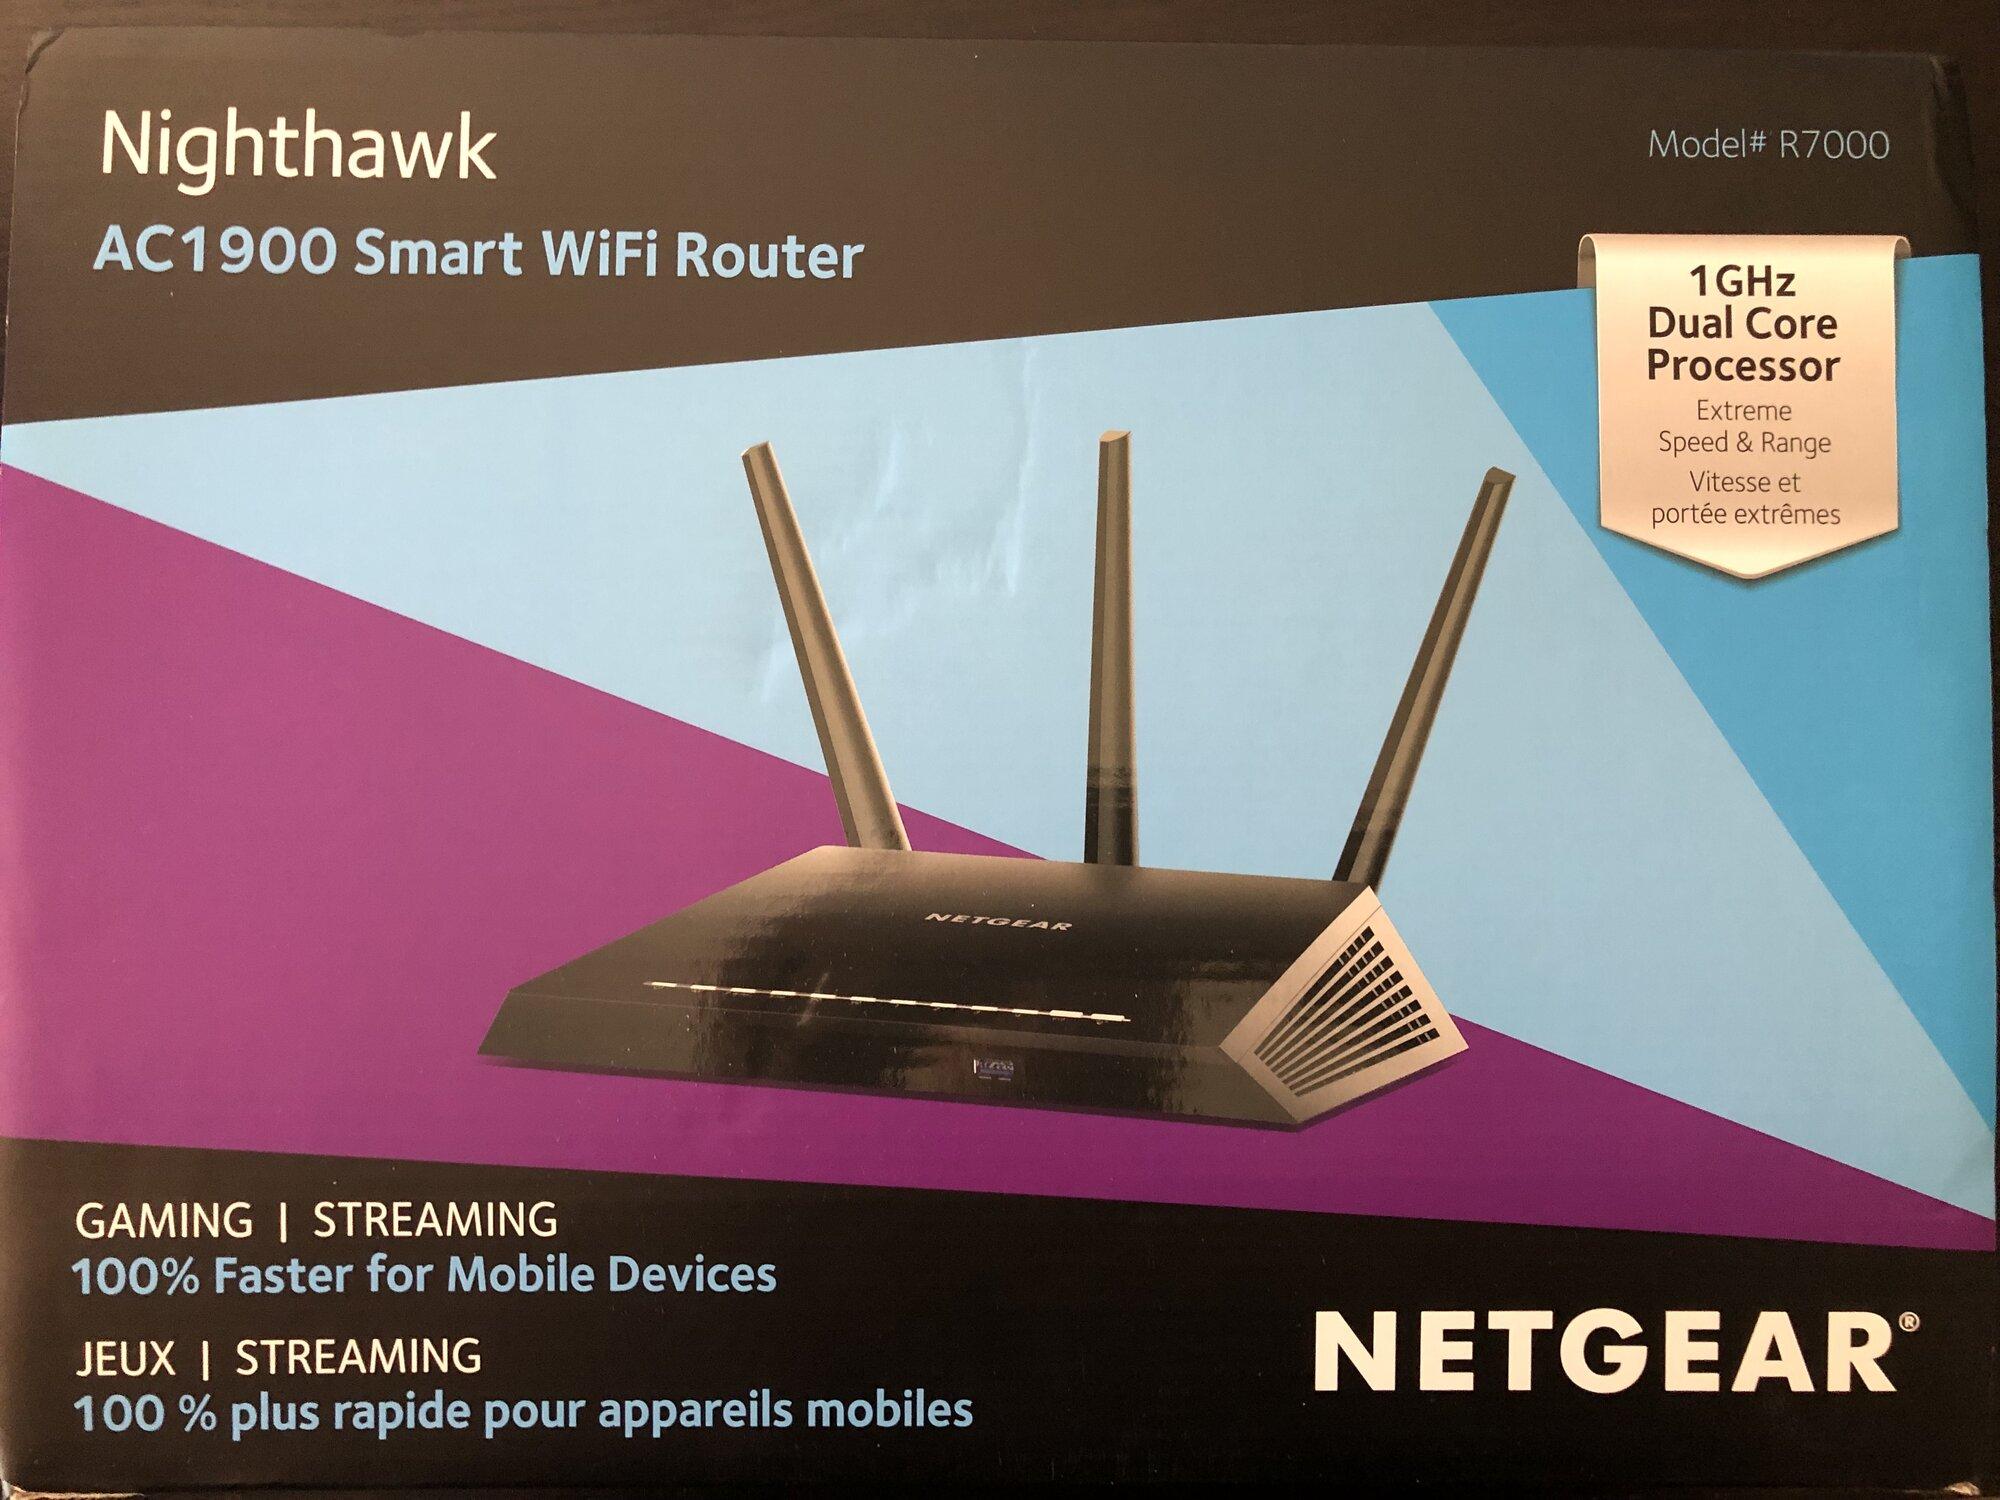 FS: Netgear Nighthawk R7000 AC1900 Wifi Router 1Ghz | [H]ard